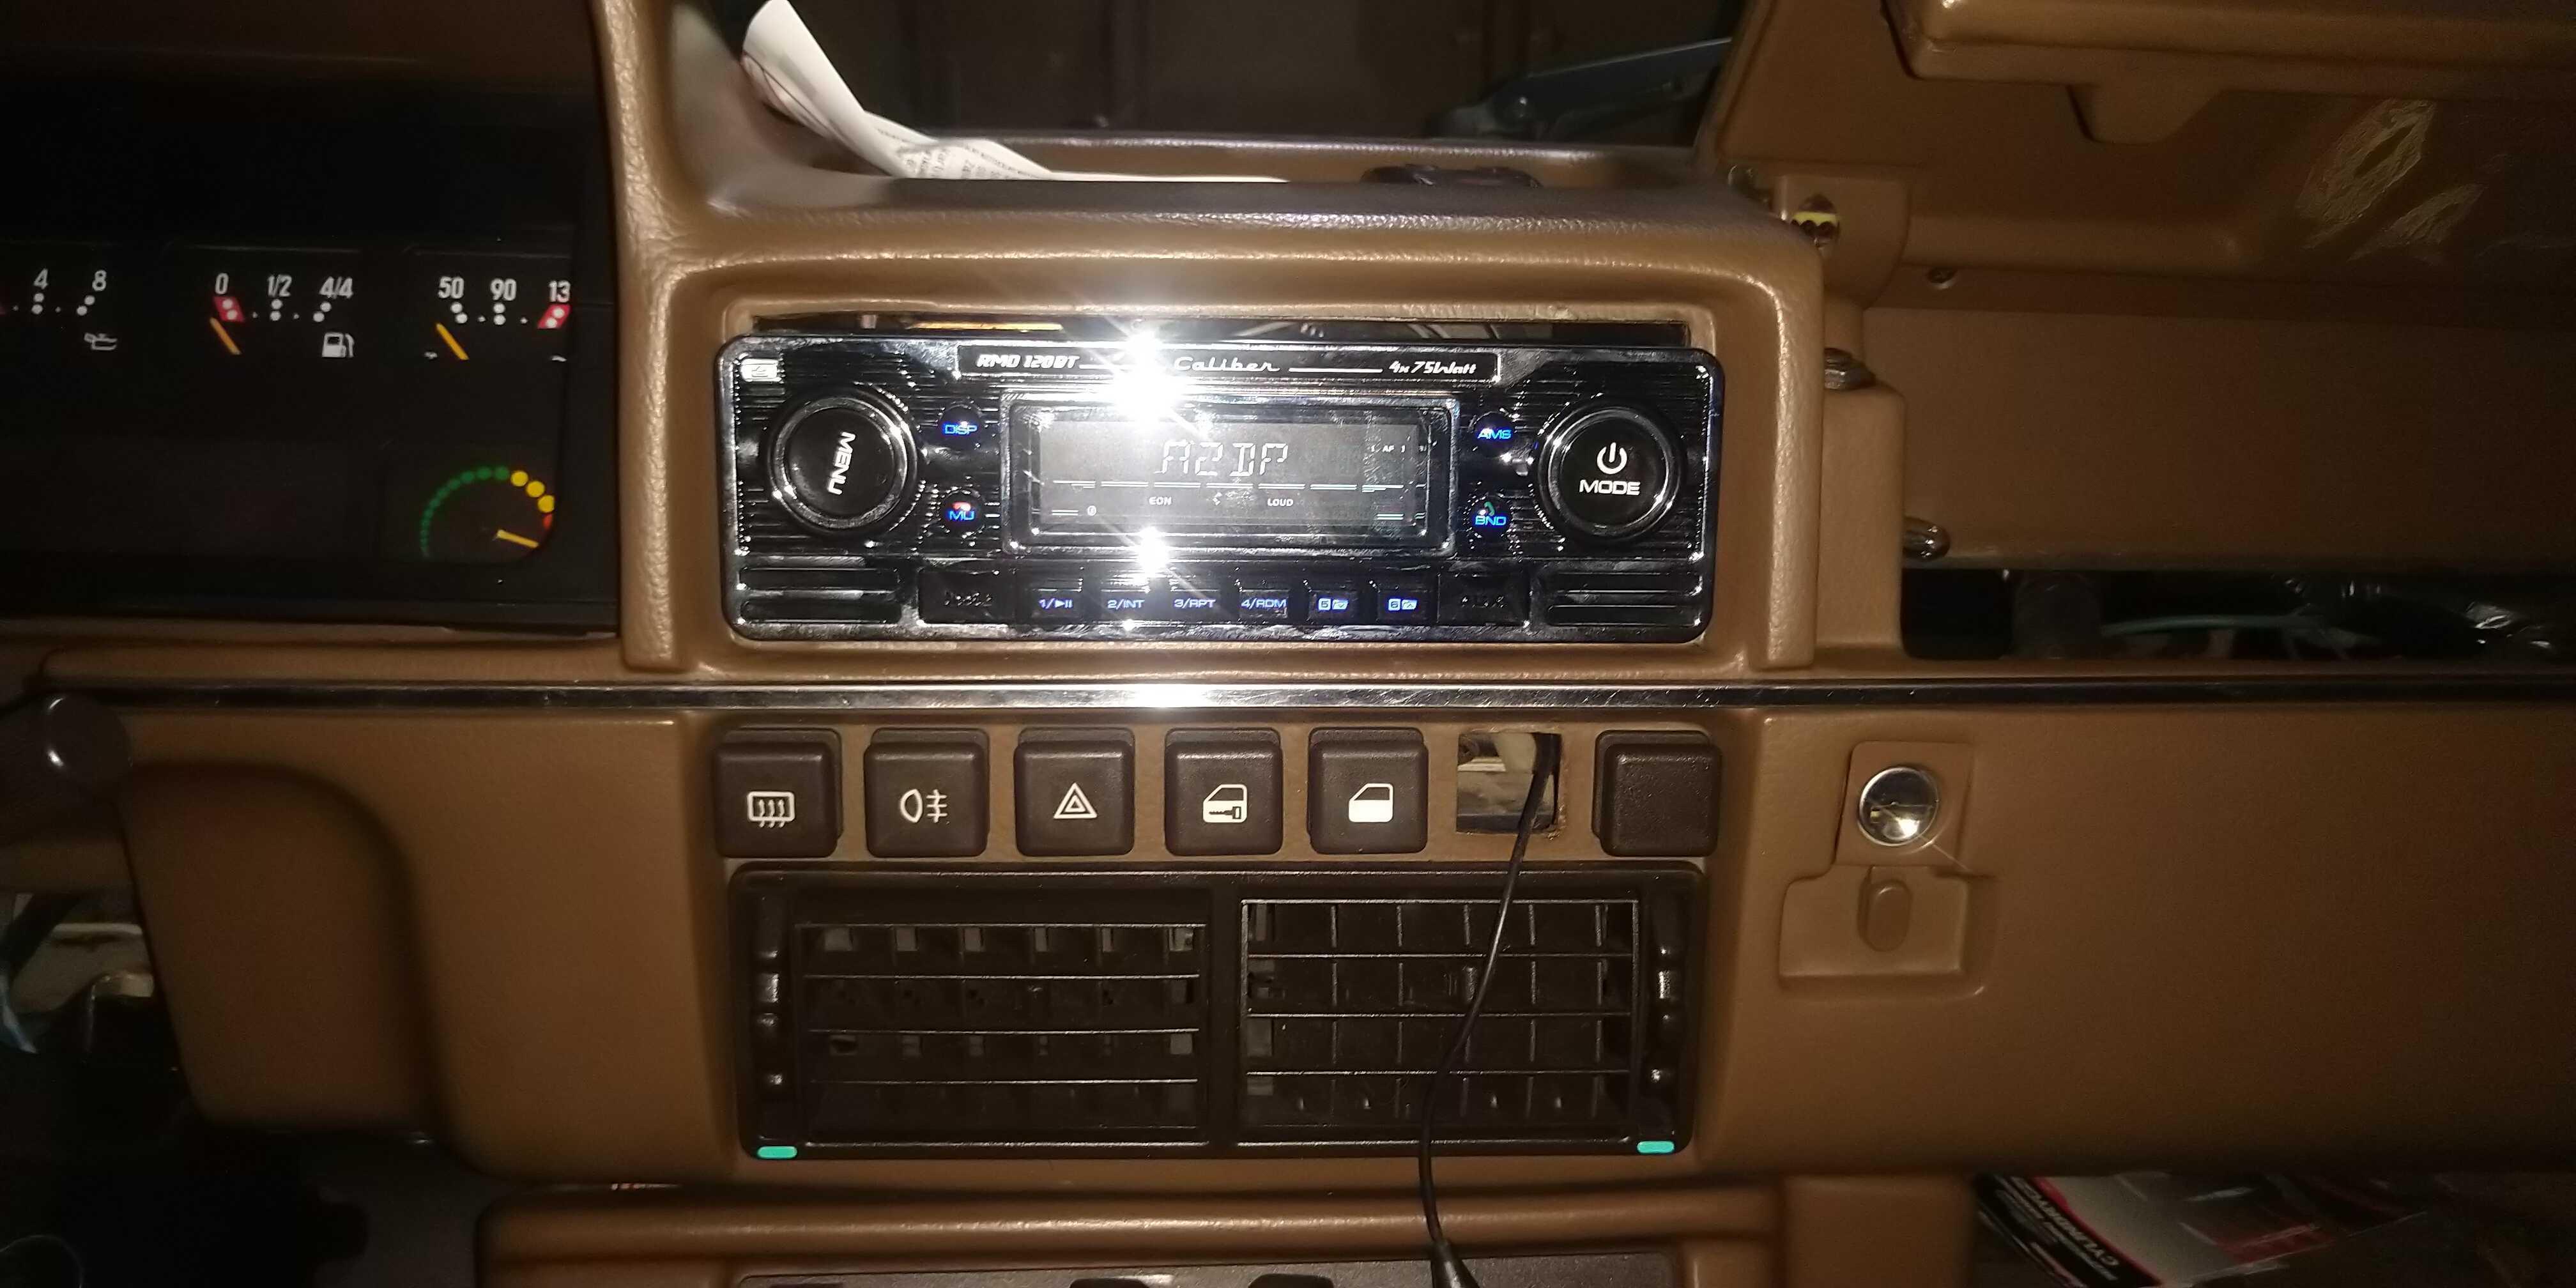 radio caliber